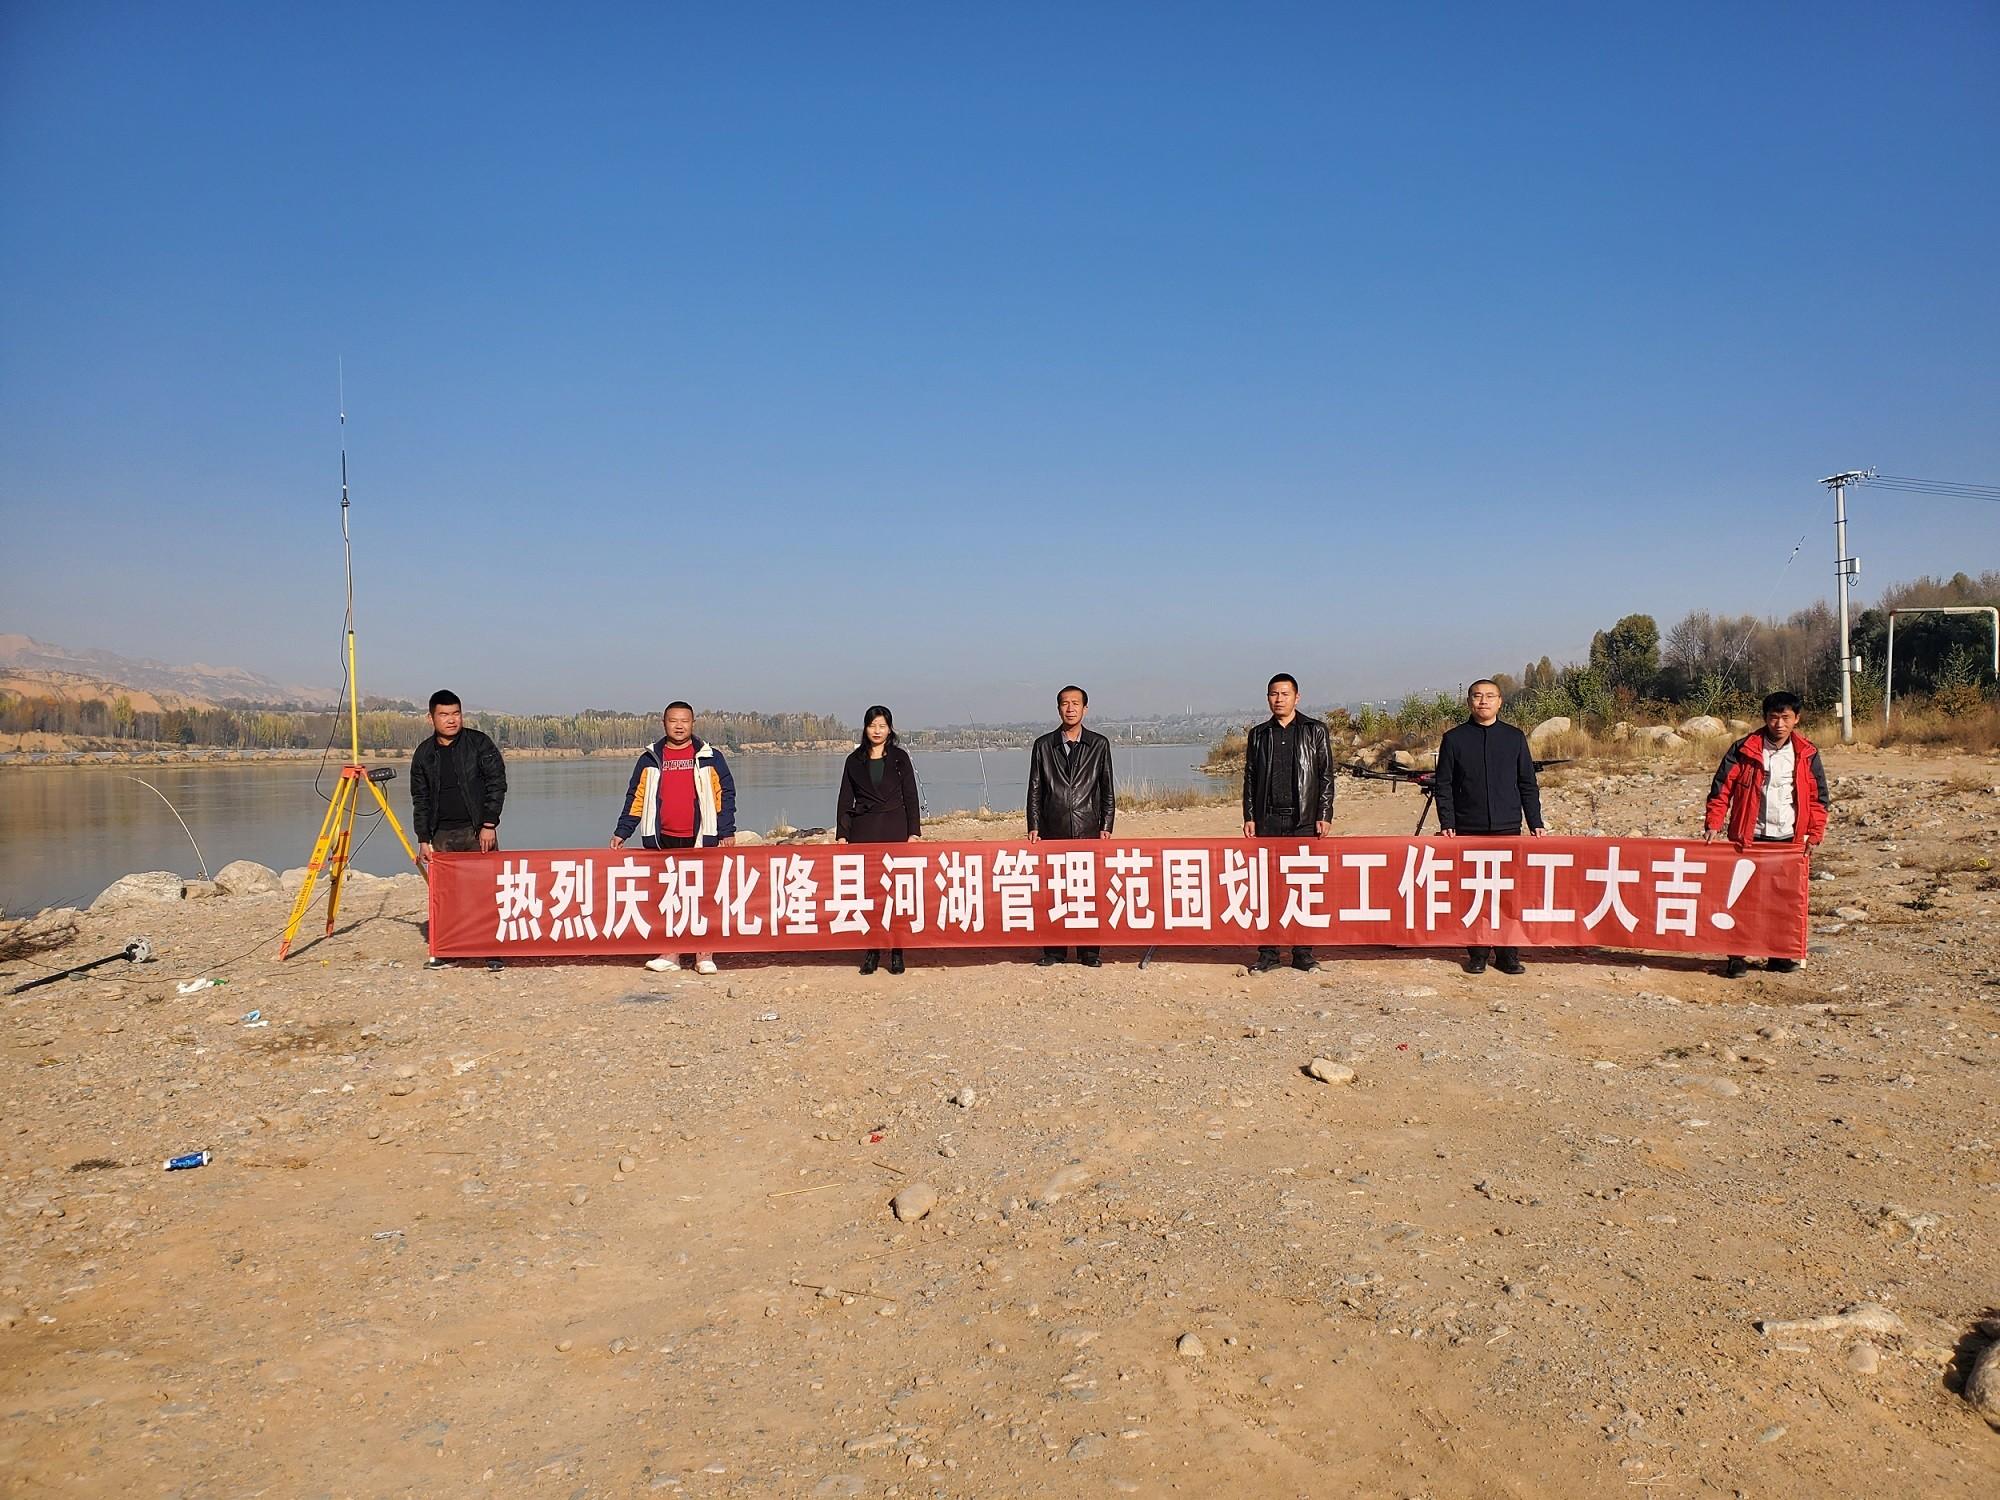 祝賀!青海省化隆縣河湖管理范圍劃定工作開工大吉